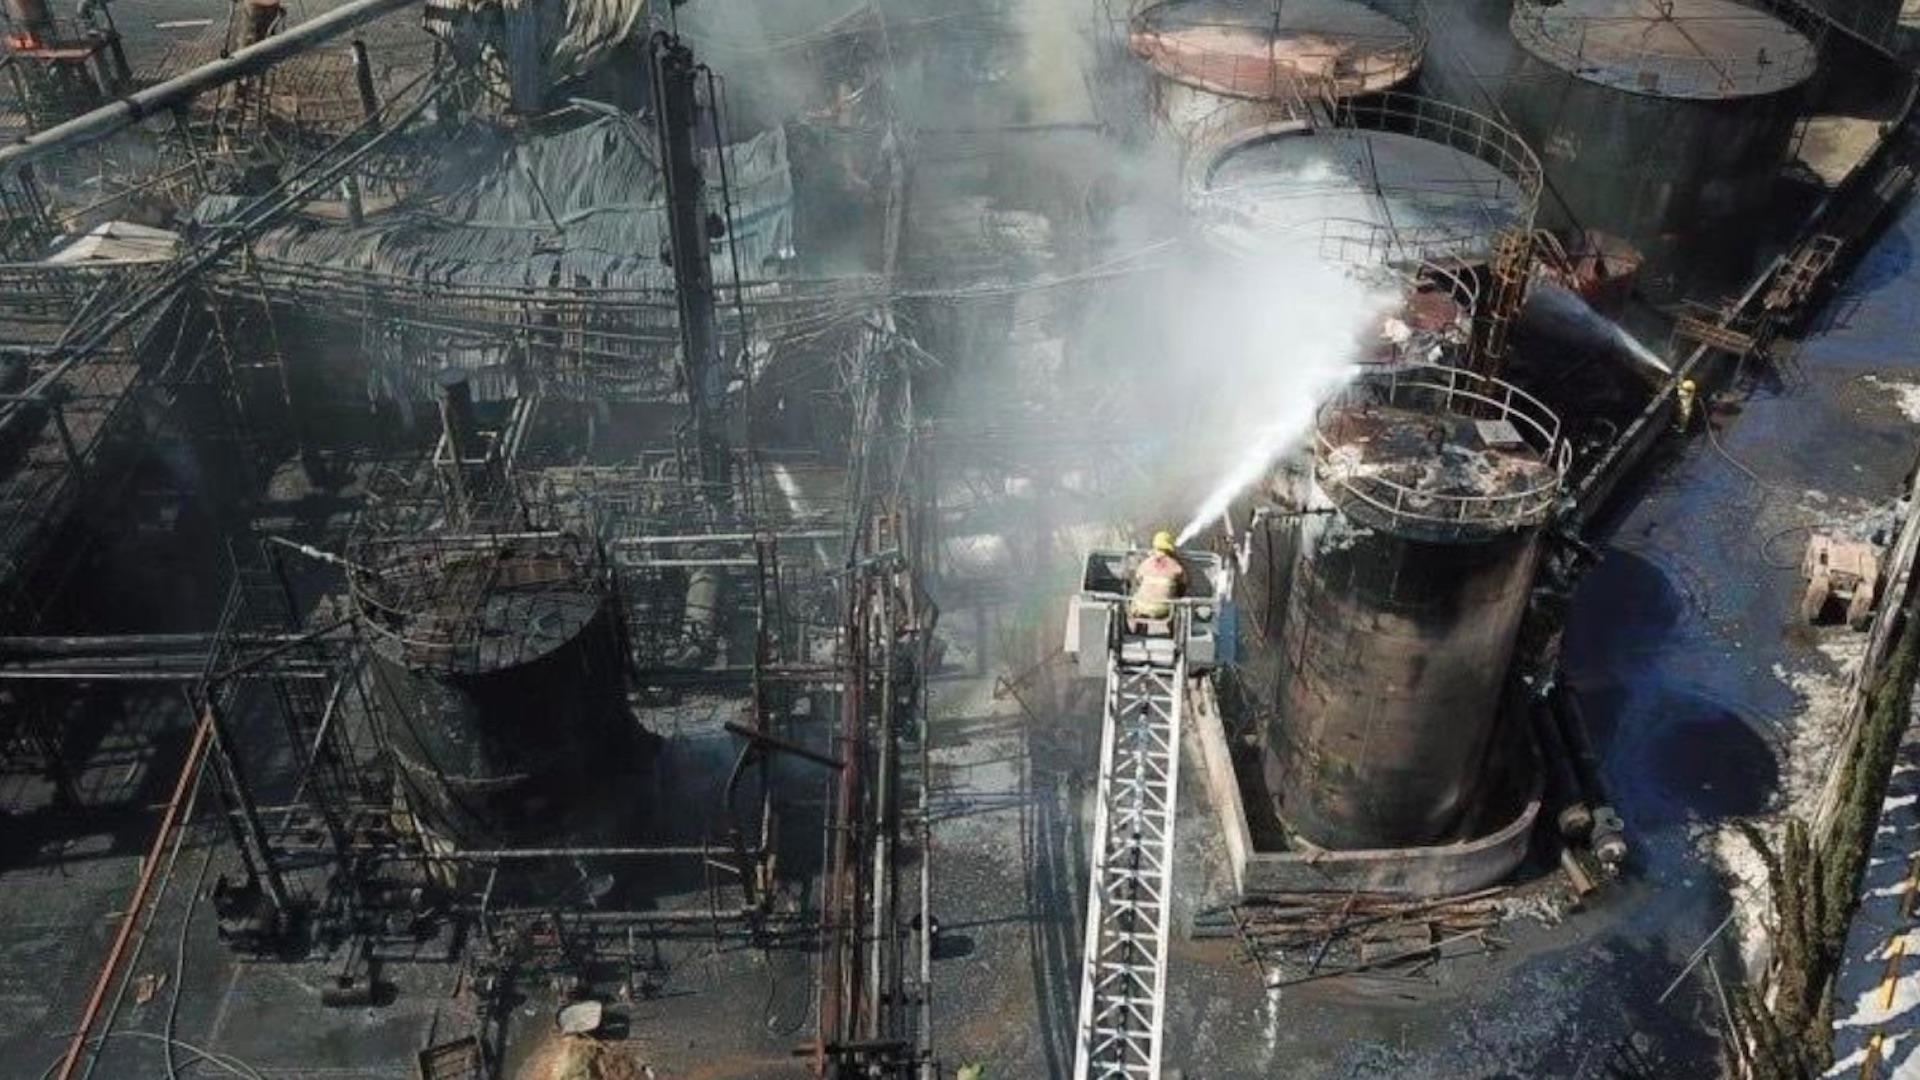 Video Incendio en planta deja al menos dos muertos en Nuevo León